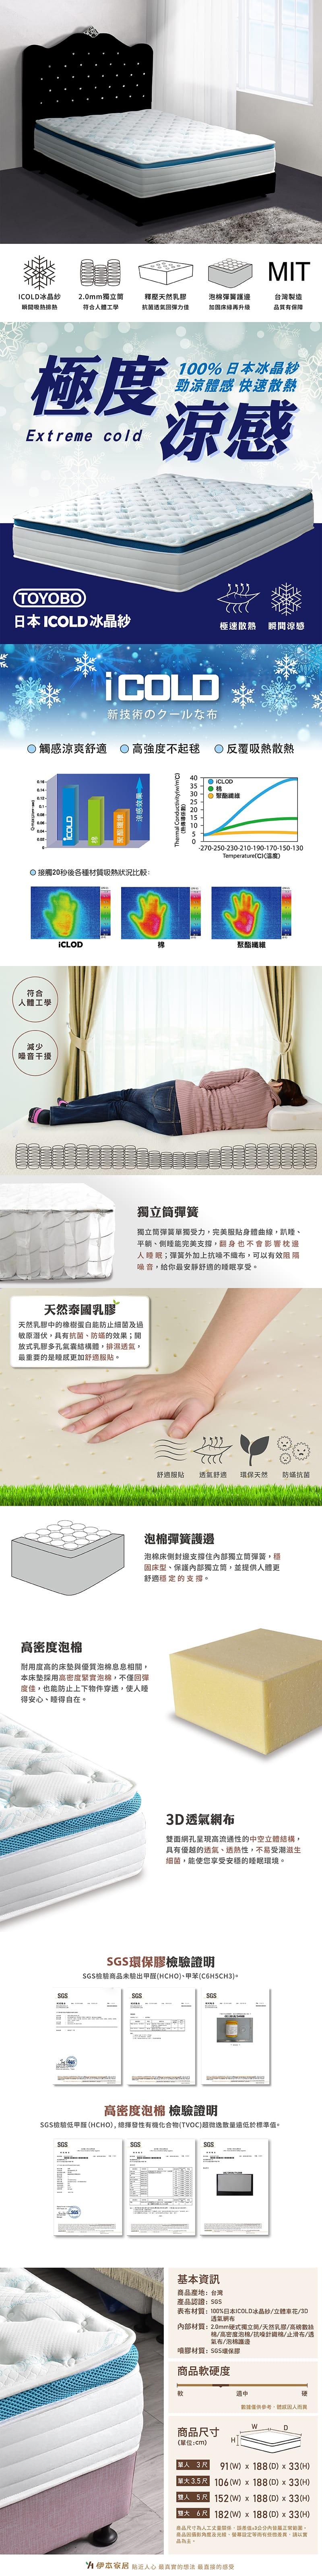 冰晶紗涼感乳膠獨立筒床墊 單人加大3.5(尊榮系列)